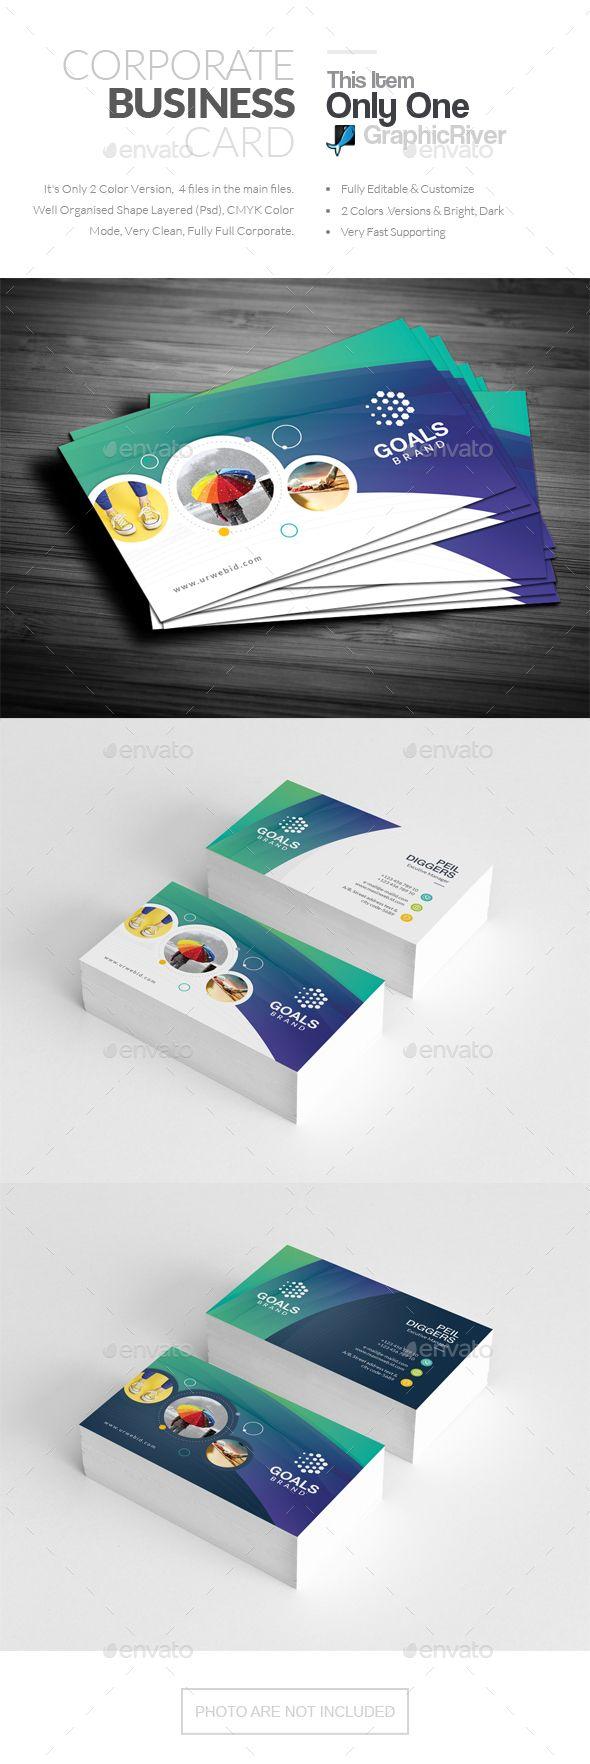 Business Card Template Psd Letterpress Business Cards Buy Business Cards Business Card Minimalist